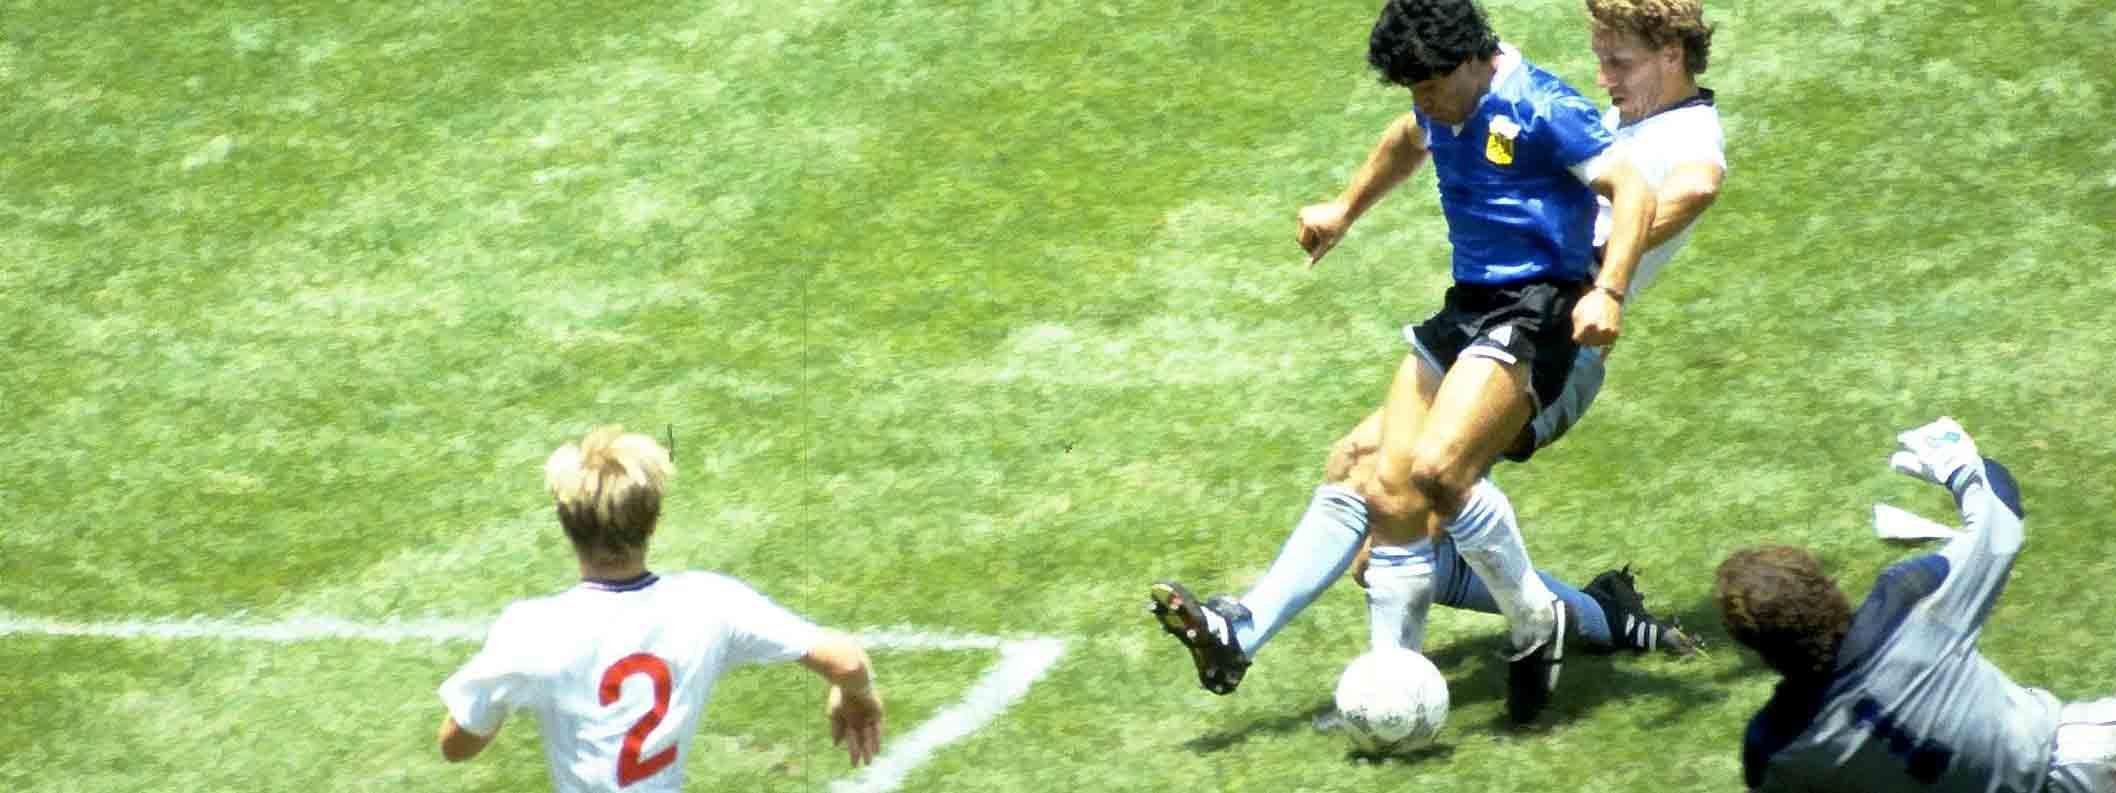 DÍA DEL FUTBOLISTA ARGENTINO: Se celebra la obra de Diego contra los ingleses, la más maravillosa en una cancha de fútbol